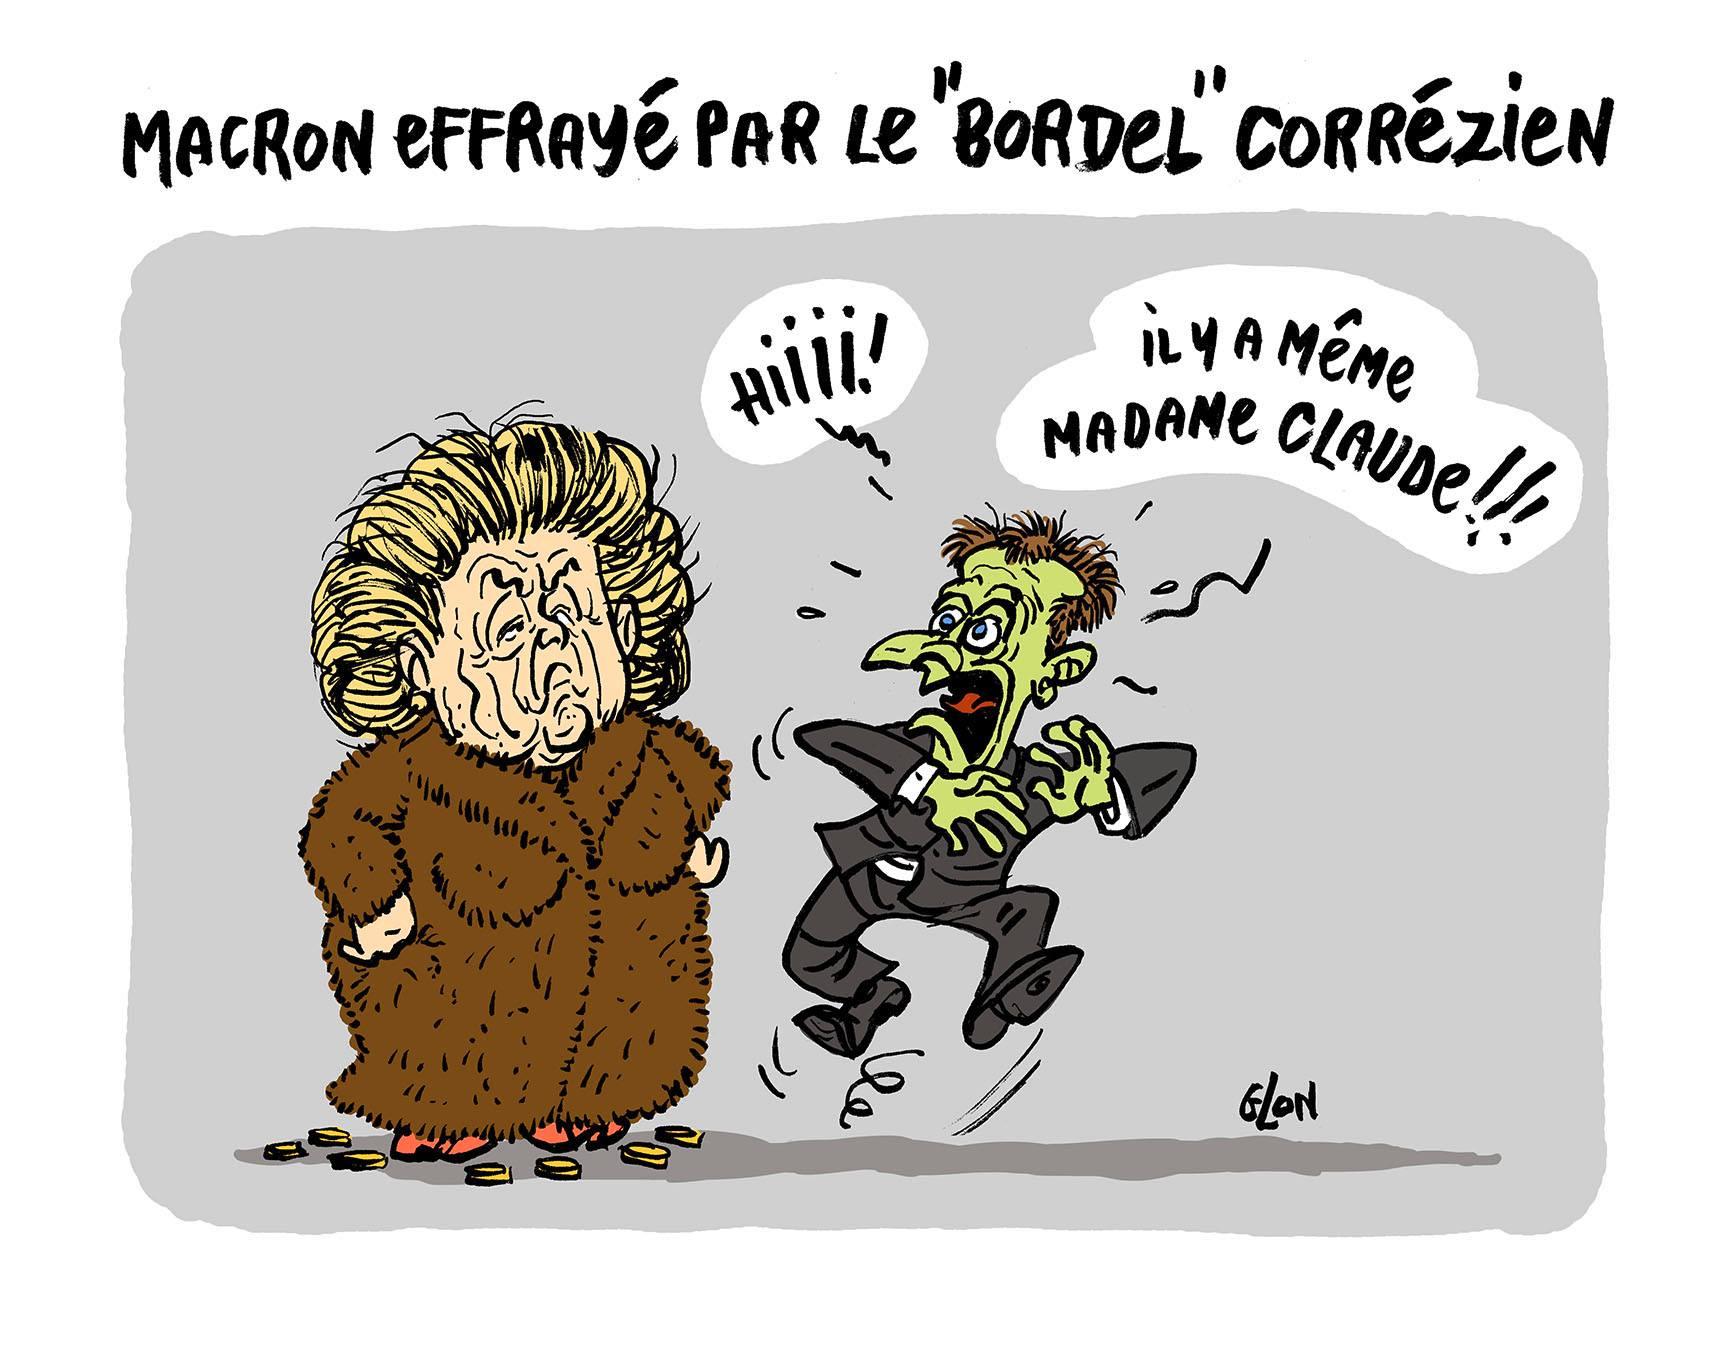 Dessin d'Emmanuel Macron en Corrèze effrayé par Bernadette Chirac